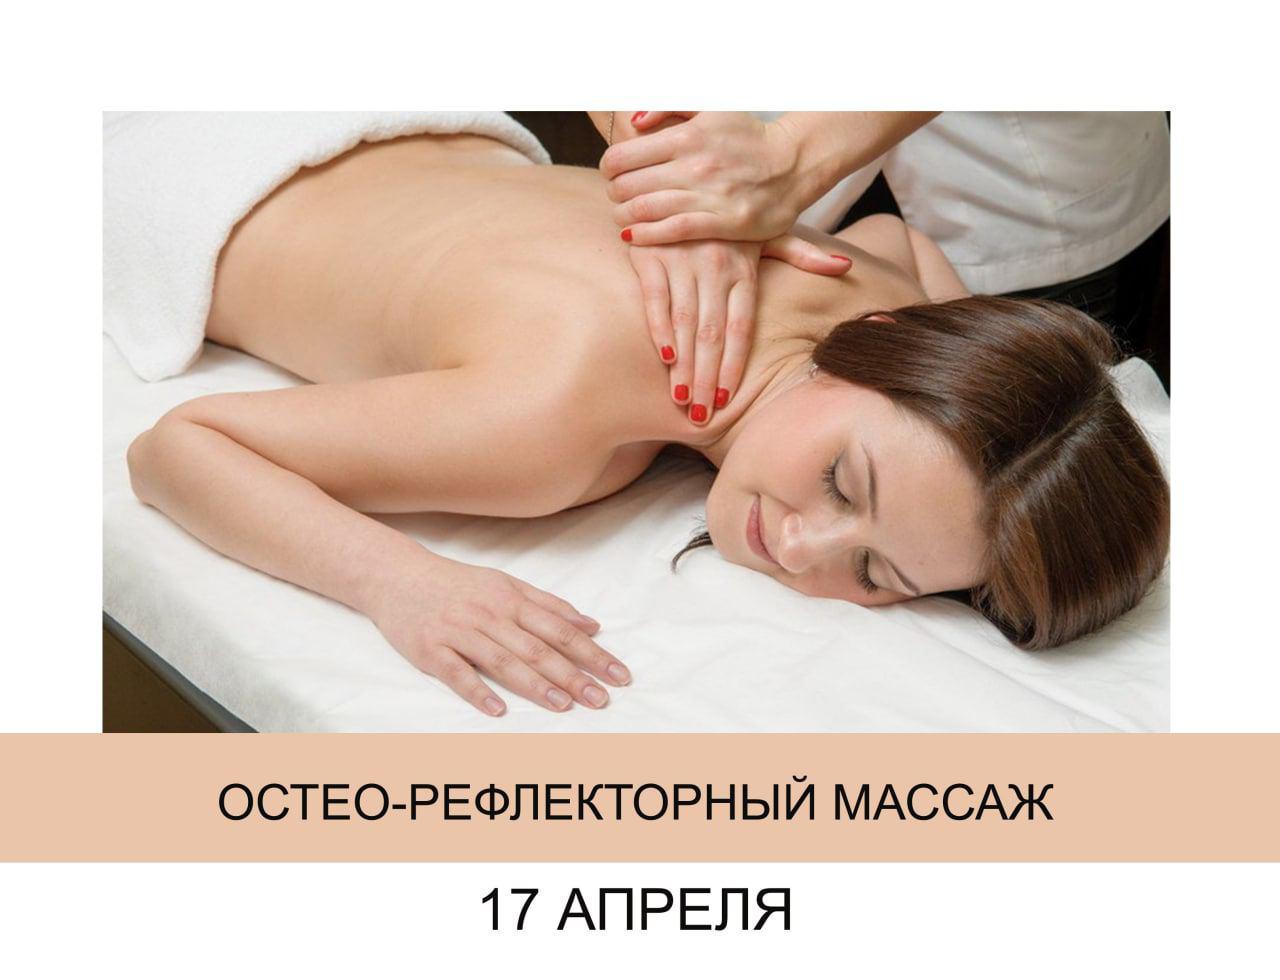 Остео-рефлекторный массаж «Дыхание тела», который состоится 17 апреля!